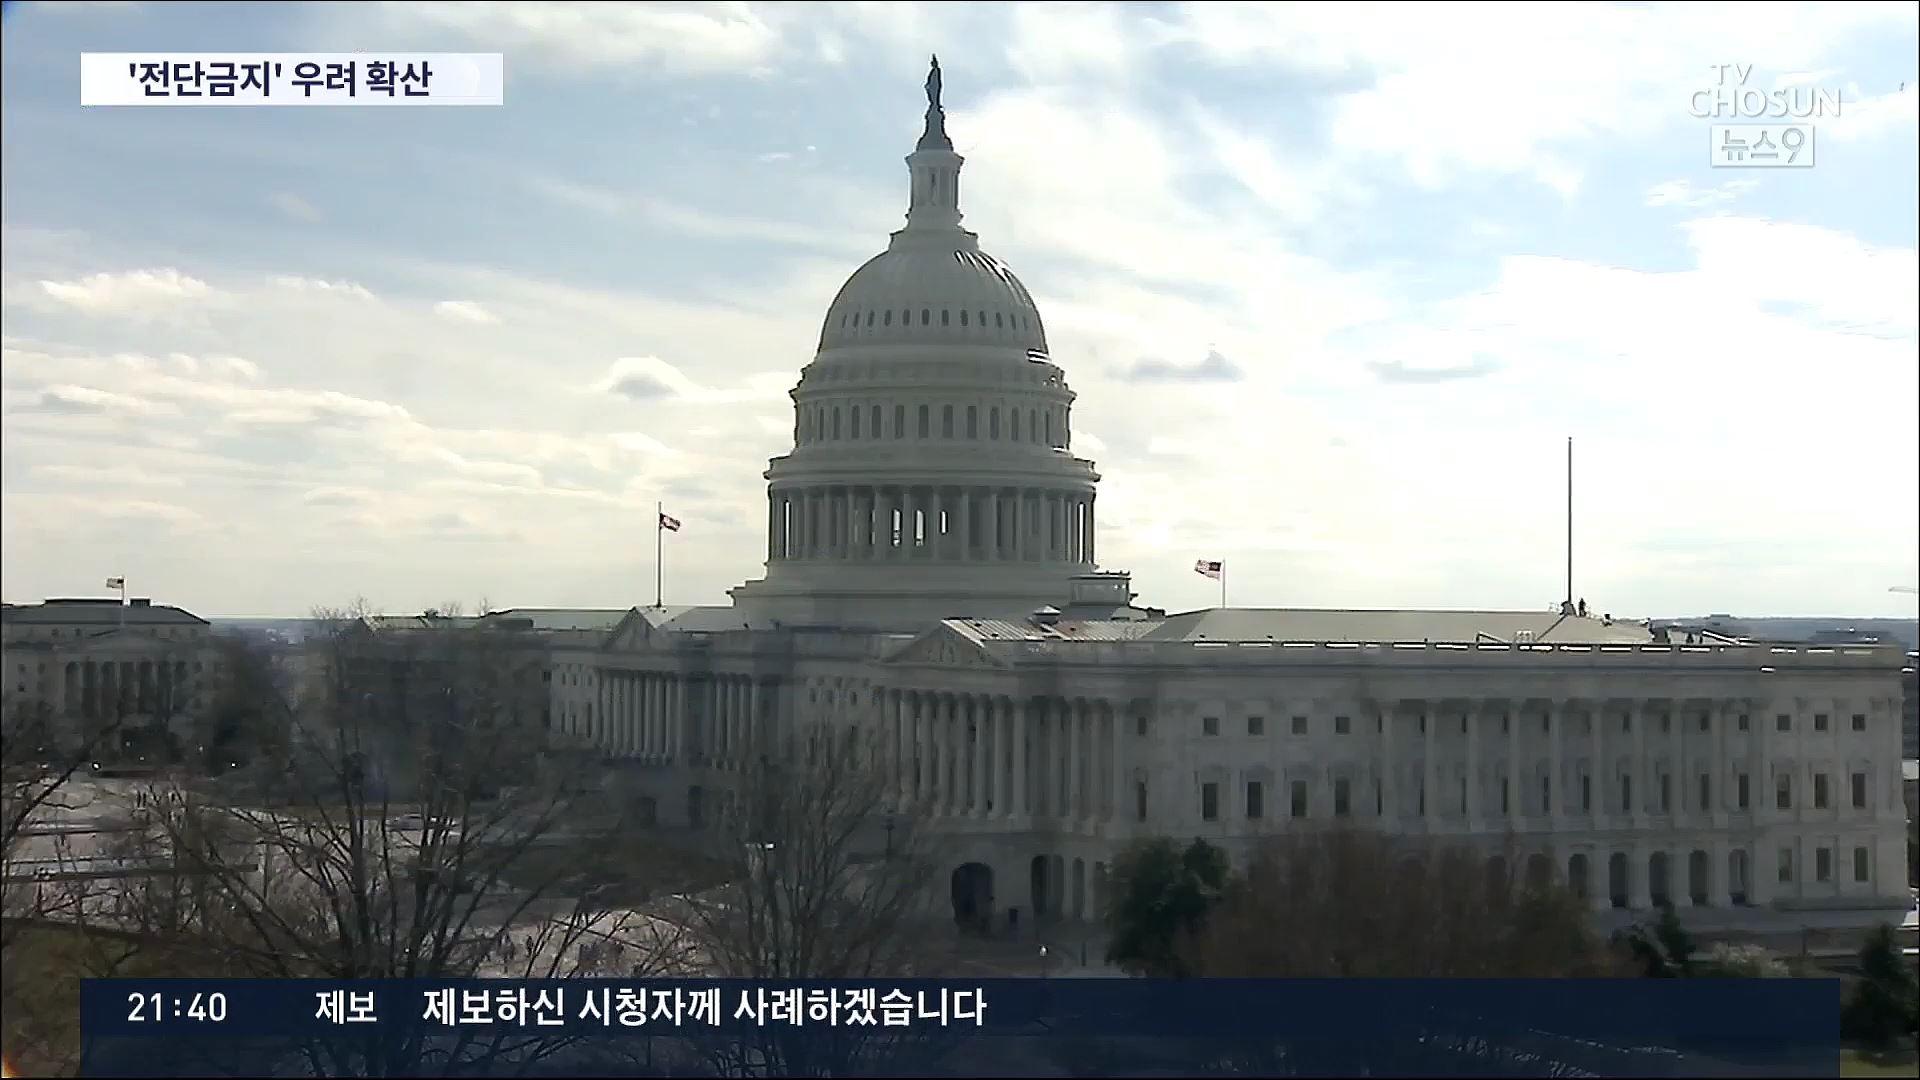 美 의회, 대북전단금지법 청문회 추진…비건, 방한 때 우려 전달